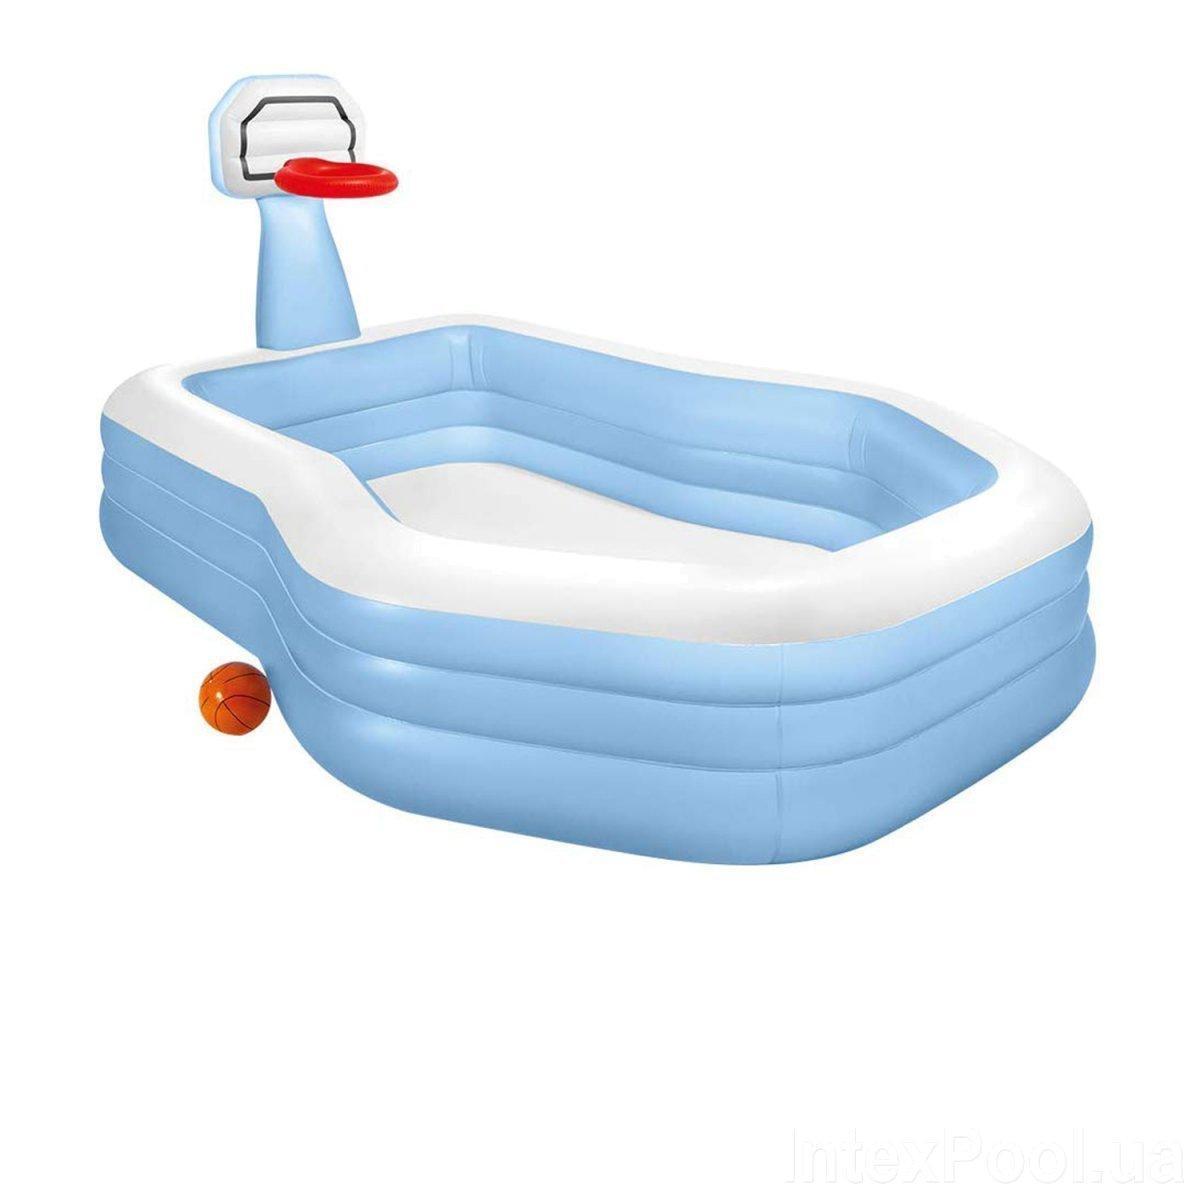 Дитячий надувний басейн Intex 57183 Блакитний